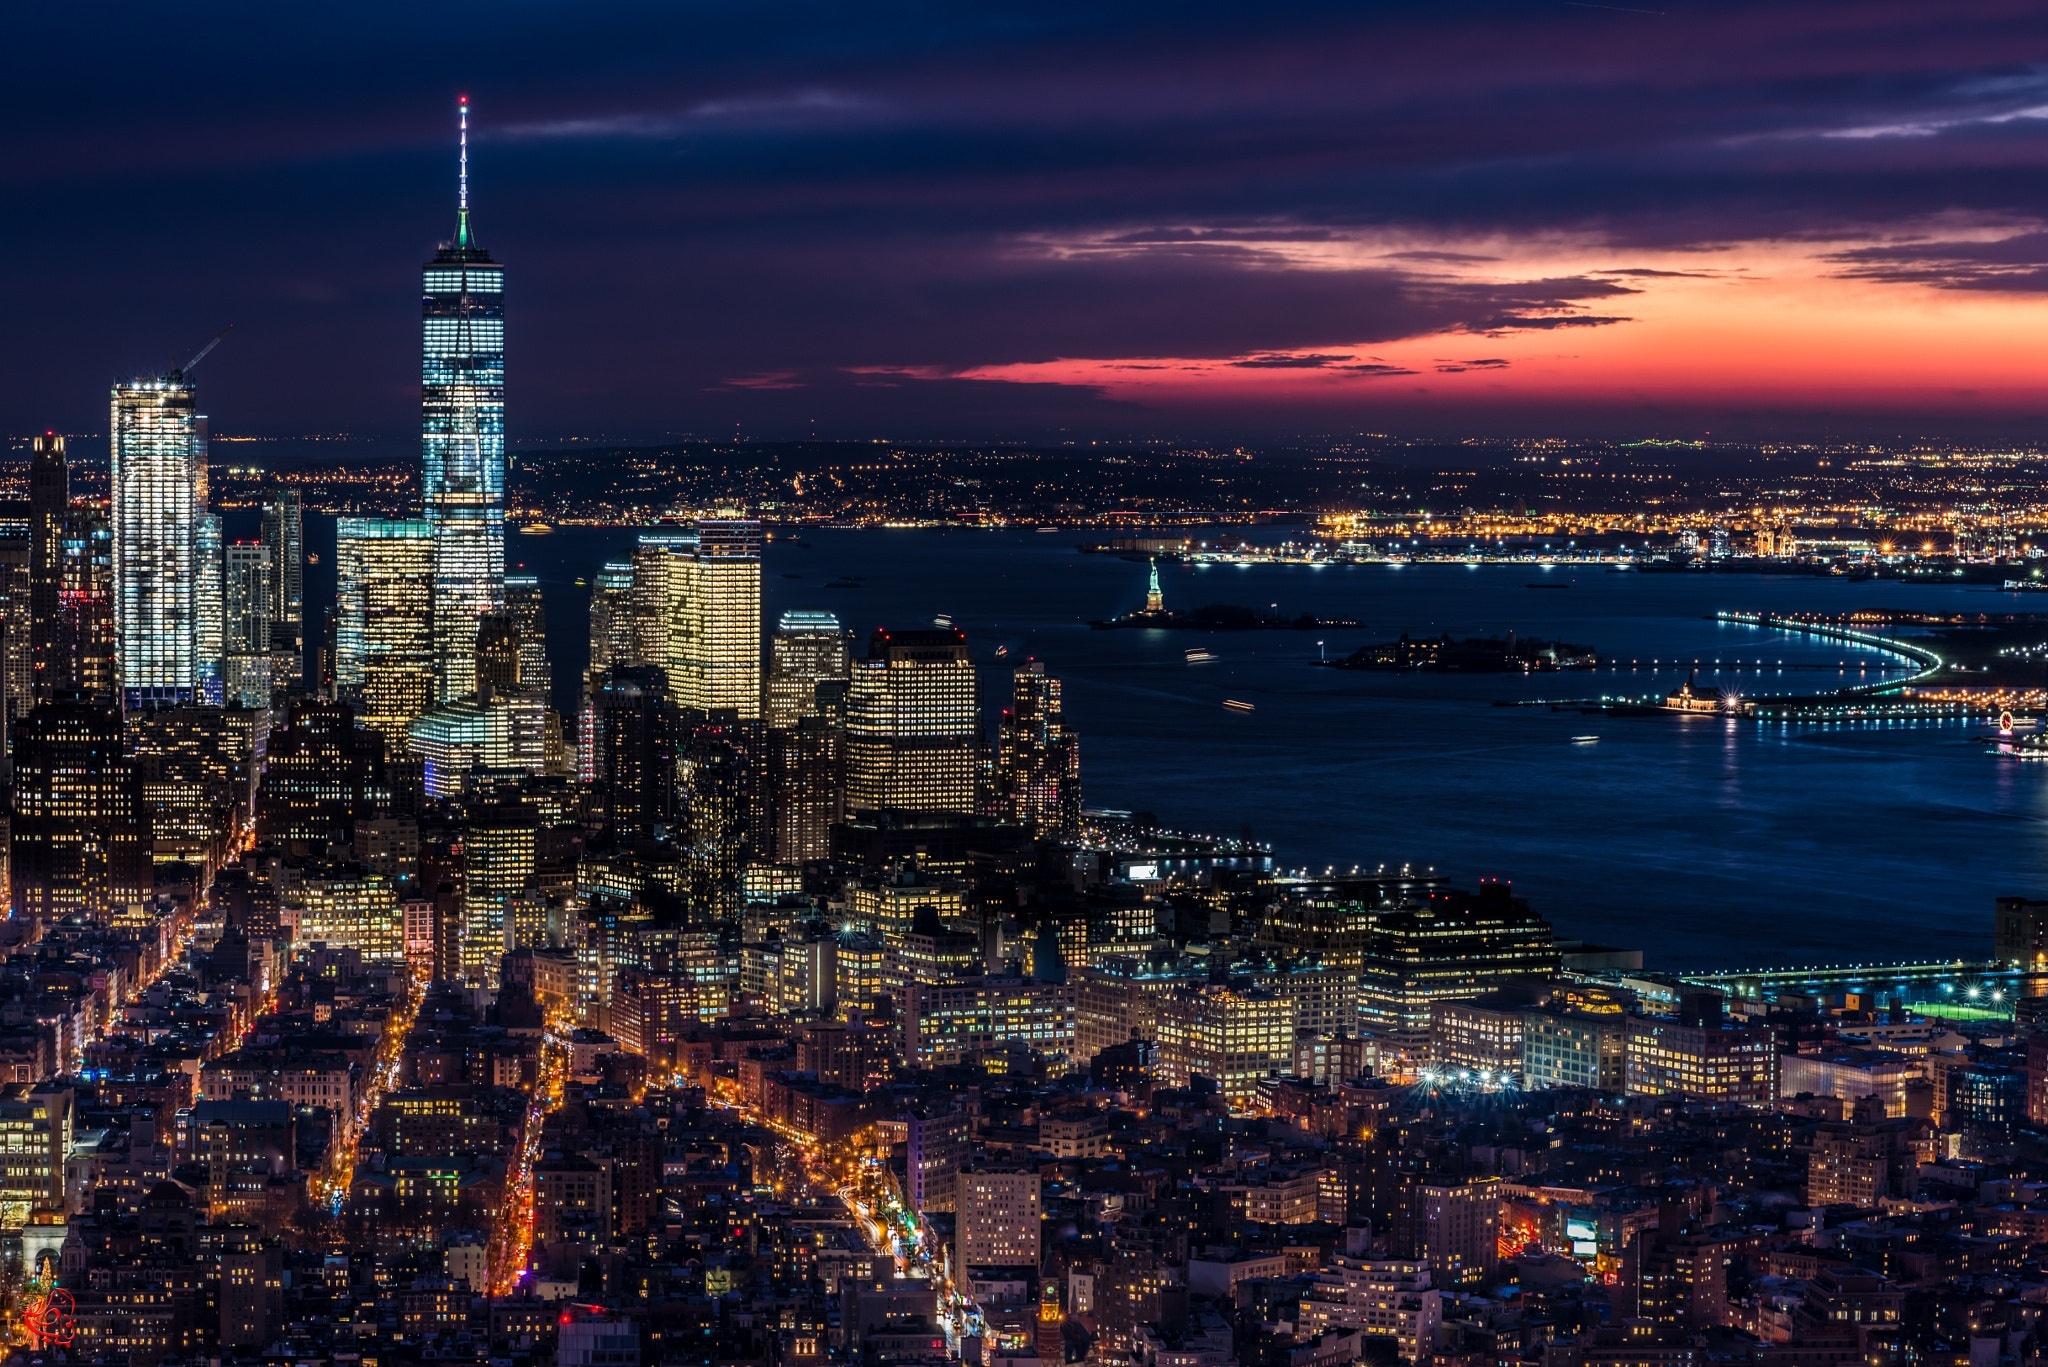 Usa City Night Cityscape Horizon Building Skyscraper 2048x1367